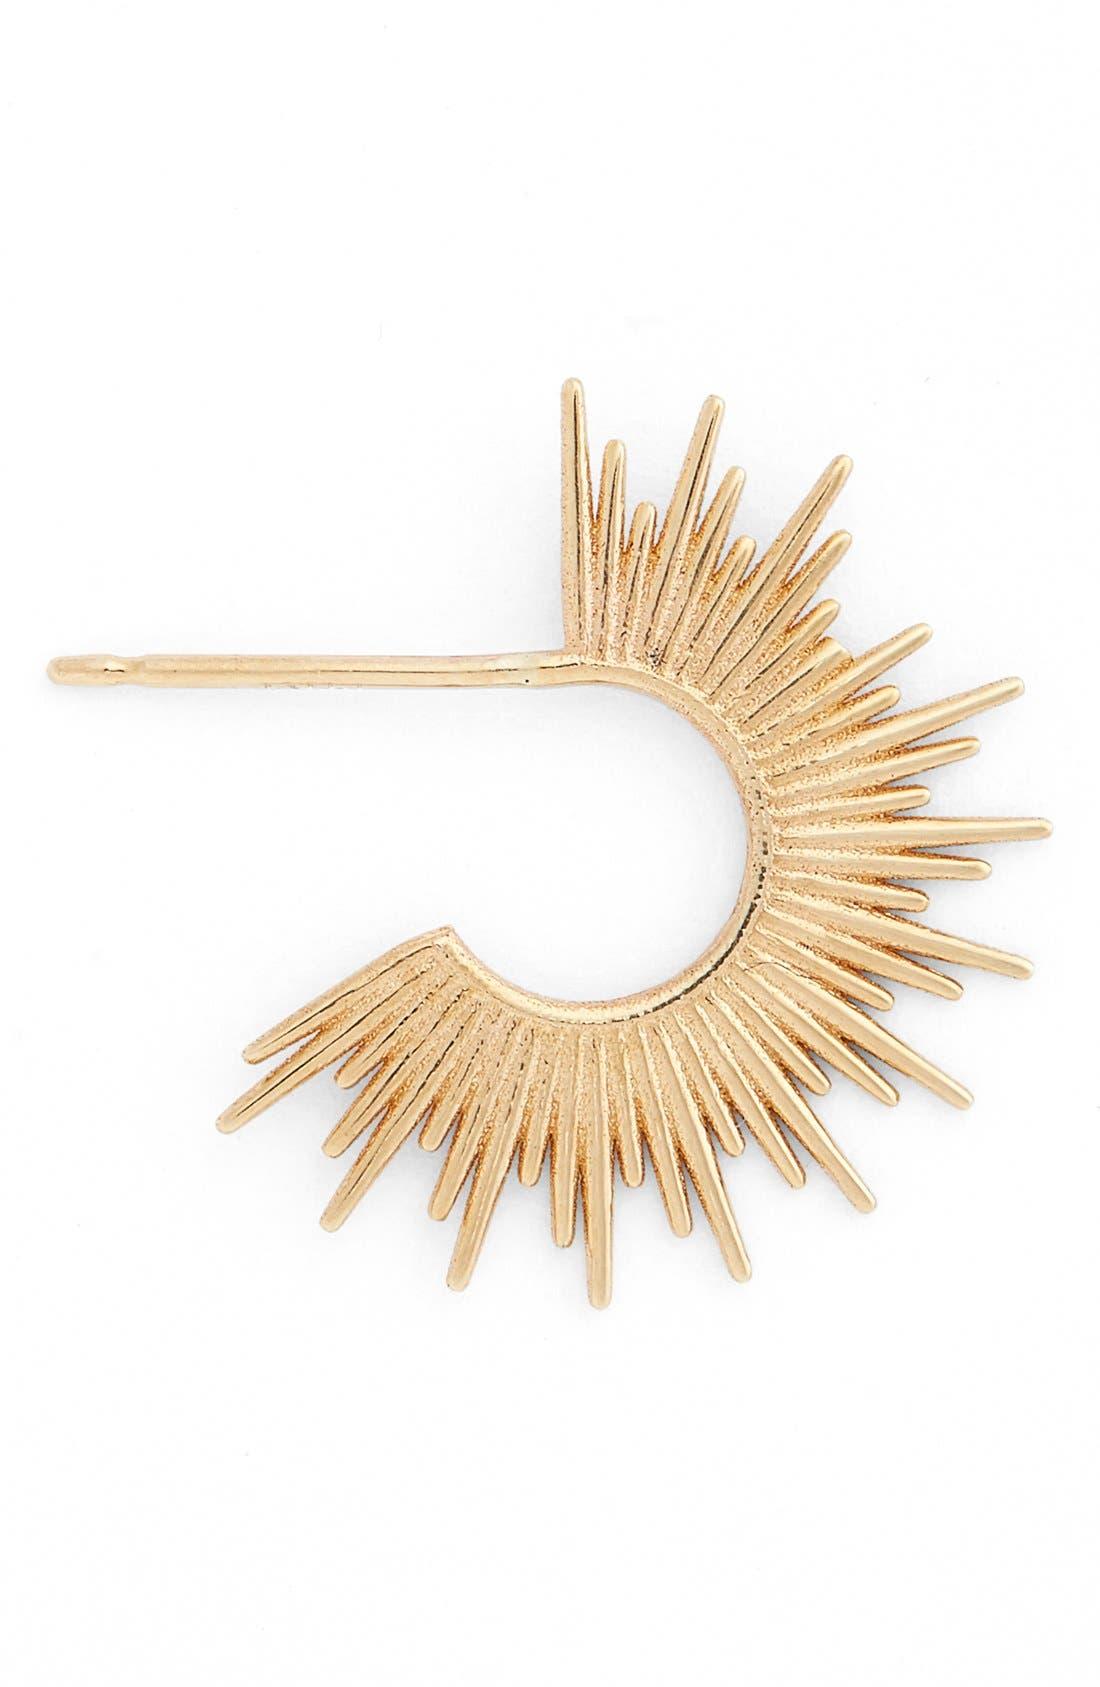 Alternate Image 1 Selected - SARAH & SEBASTIAN 'Nimbus' Single Hoop Earring